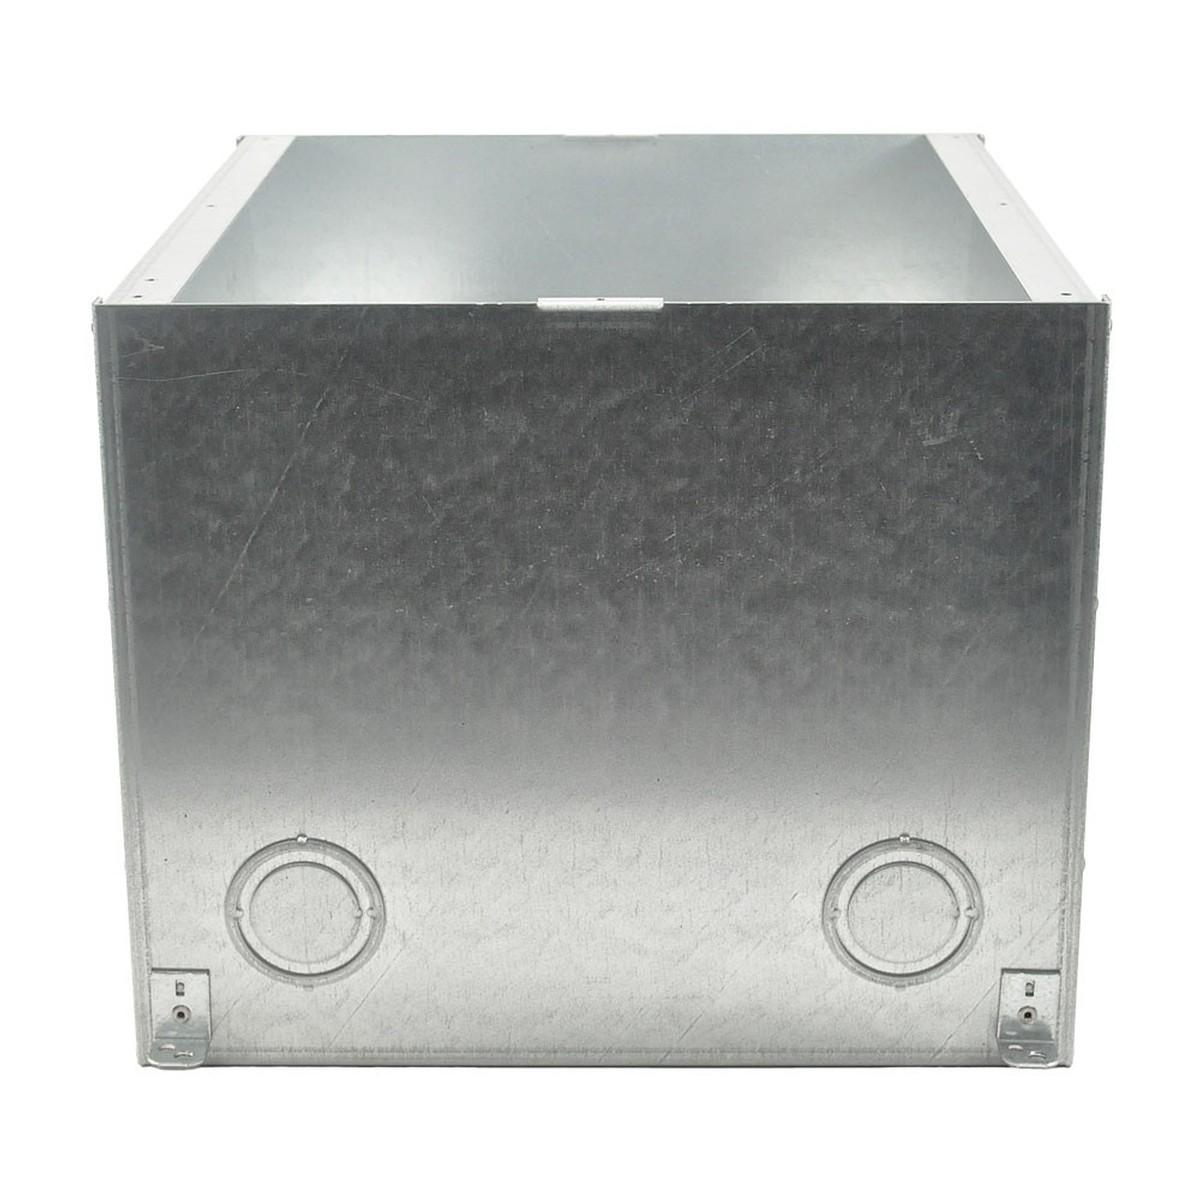 Fsr Floor Boxes Fl 600p 28 Images Sld Blk